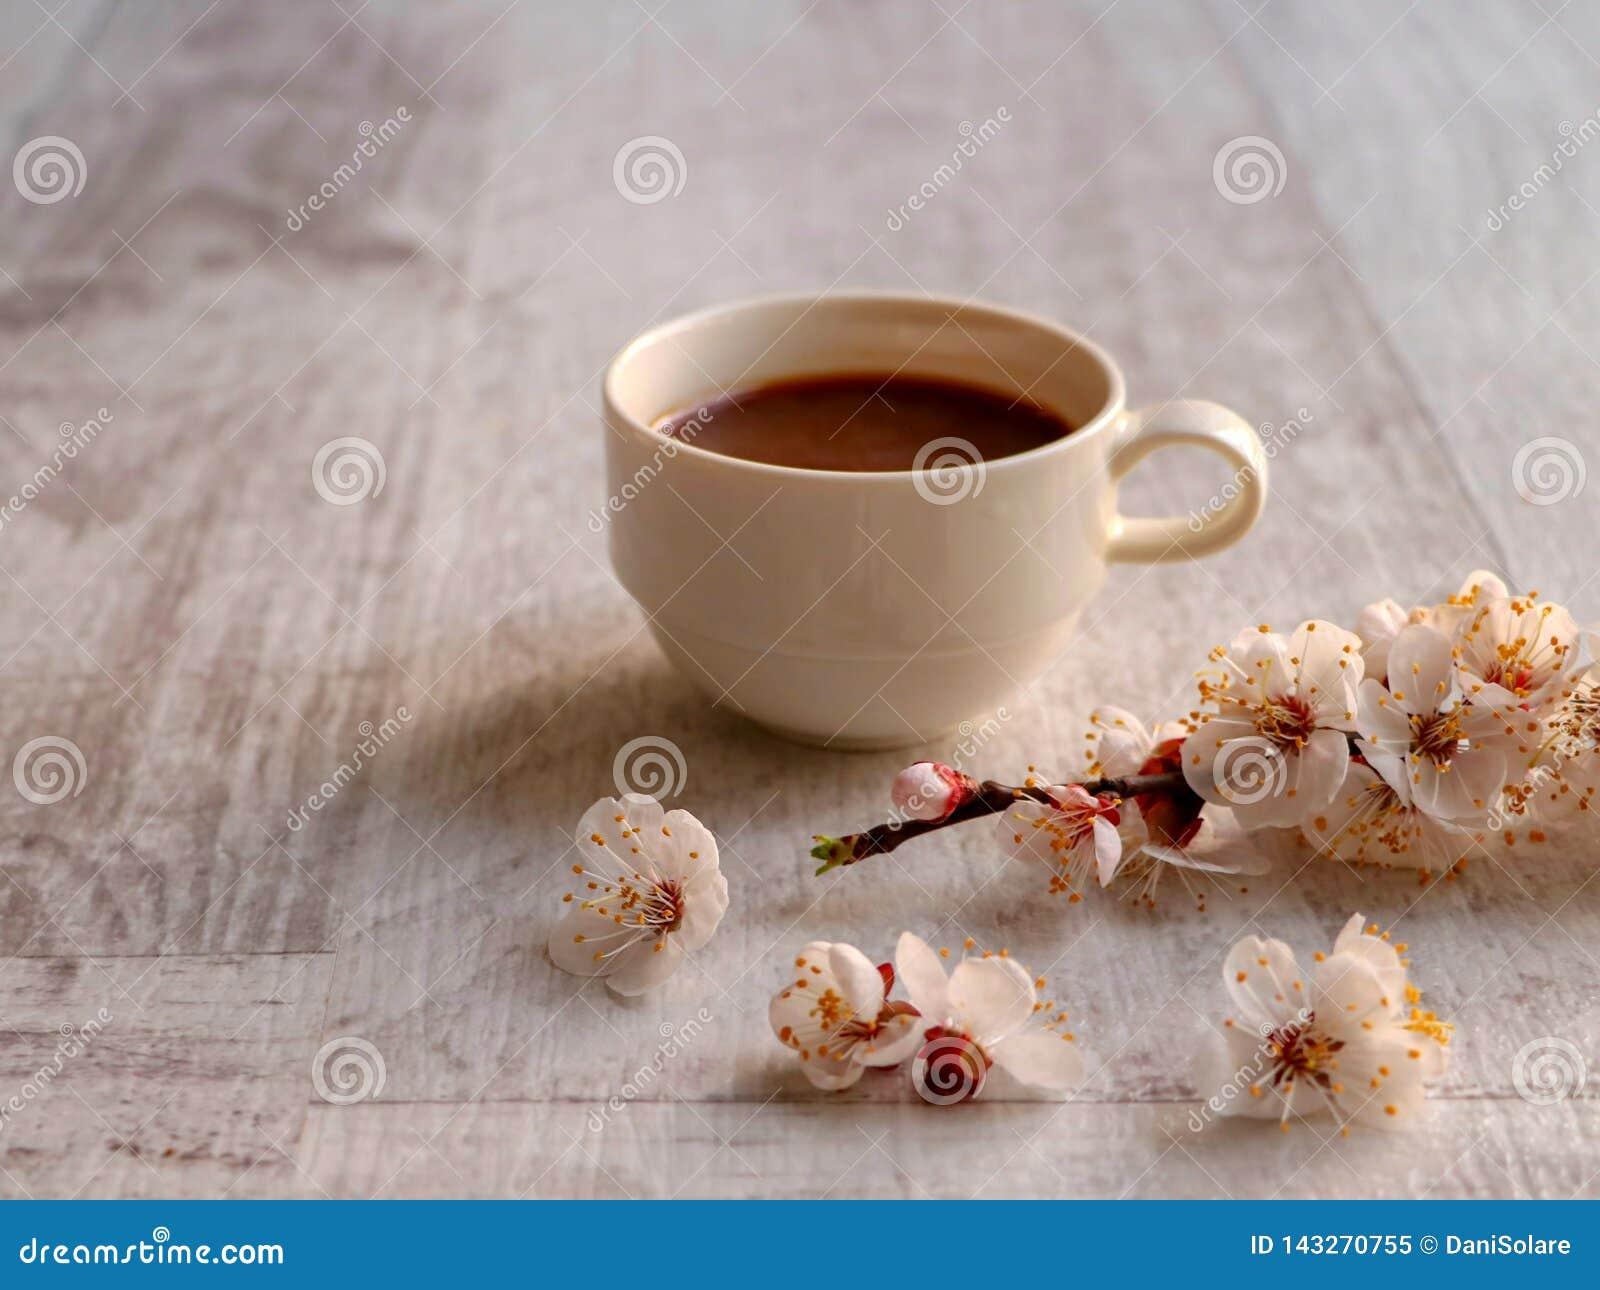 Koffie op een neutrale achtergrond met abrikozenbloemen in voorgrond